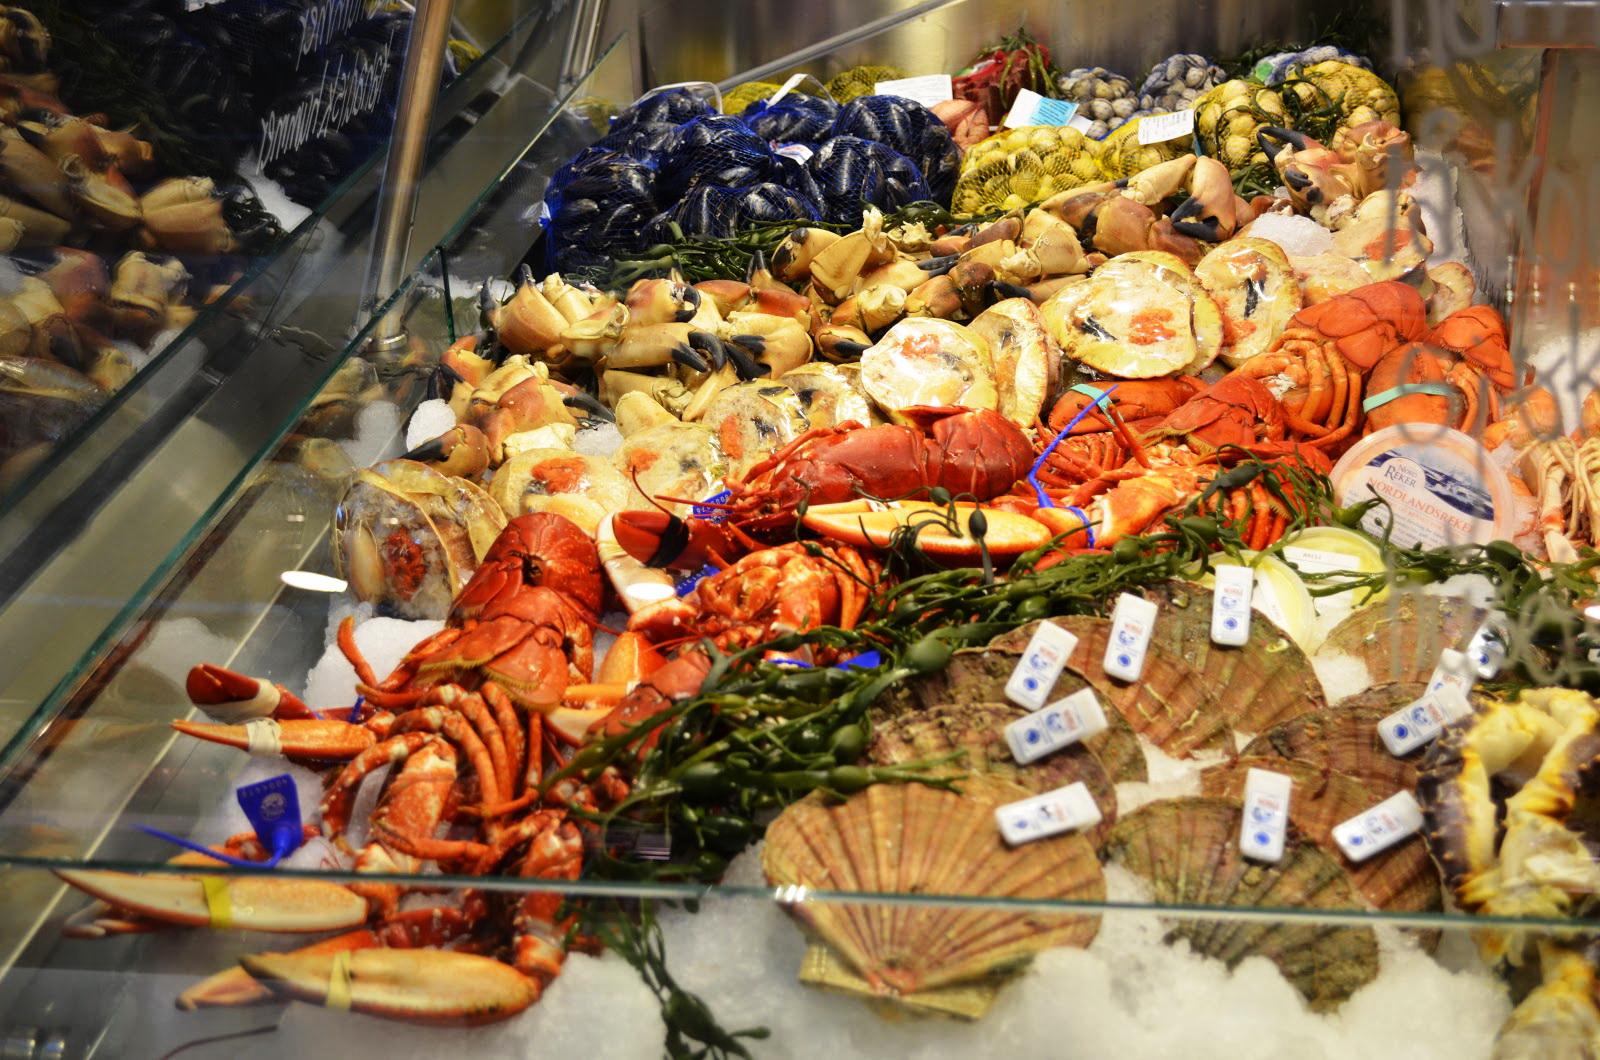 Морепродукты на рынке Матхаллен в Осло